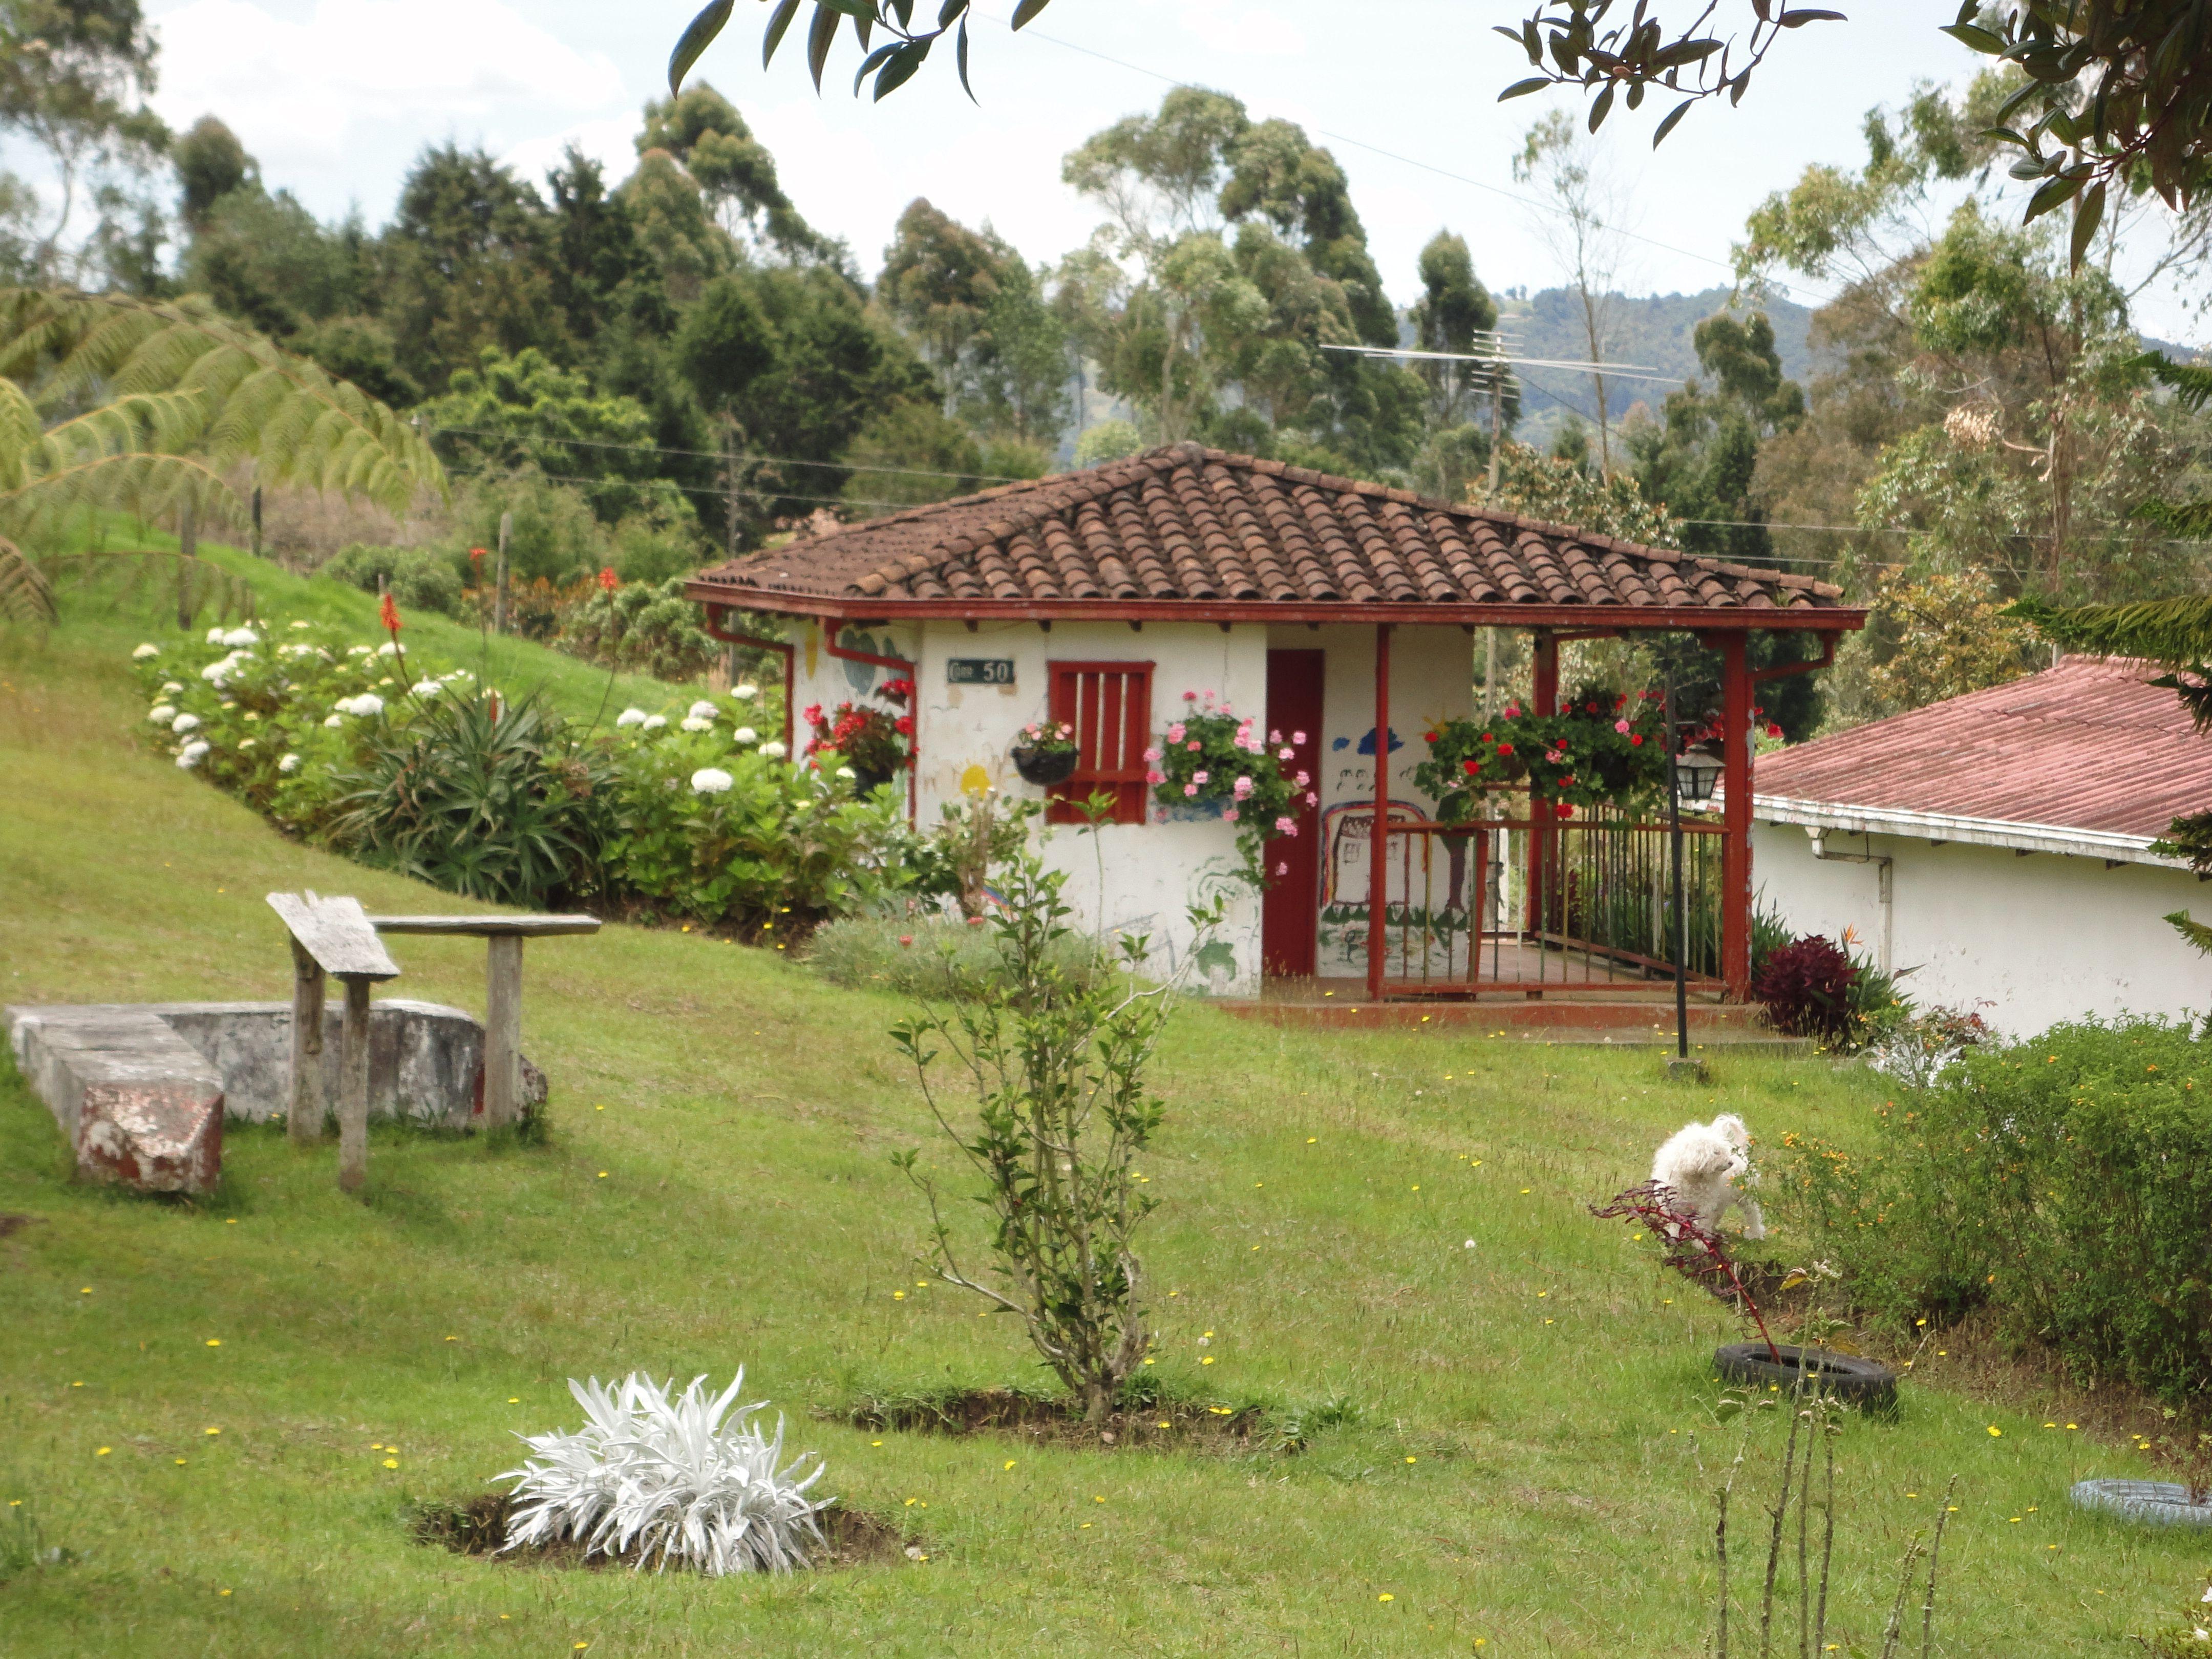 Piedras Blancas Guarne Antioquia   Pueblos Fincas y ...